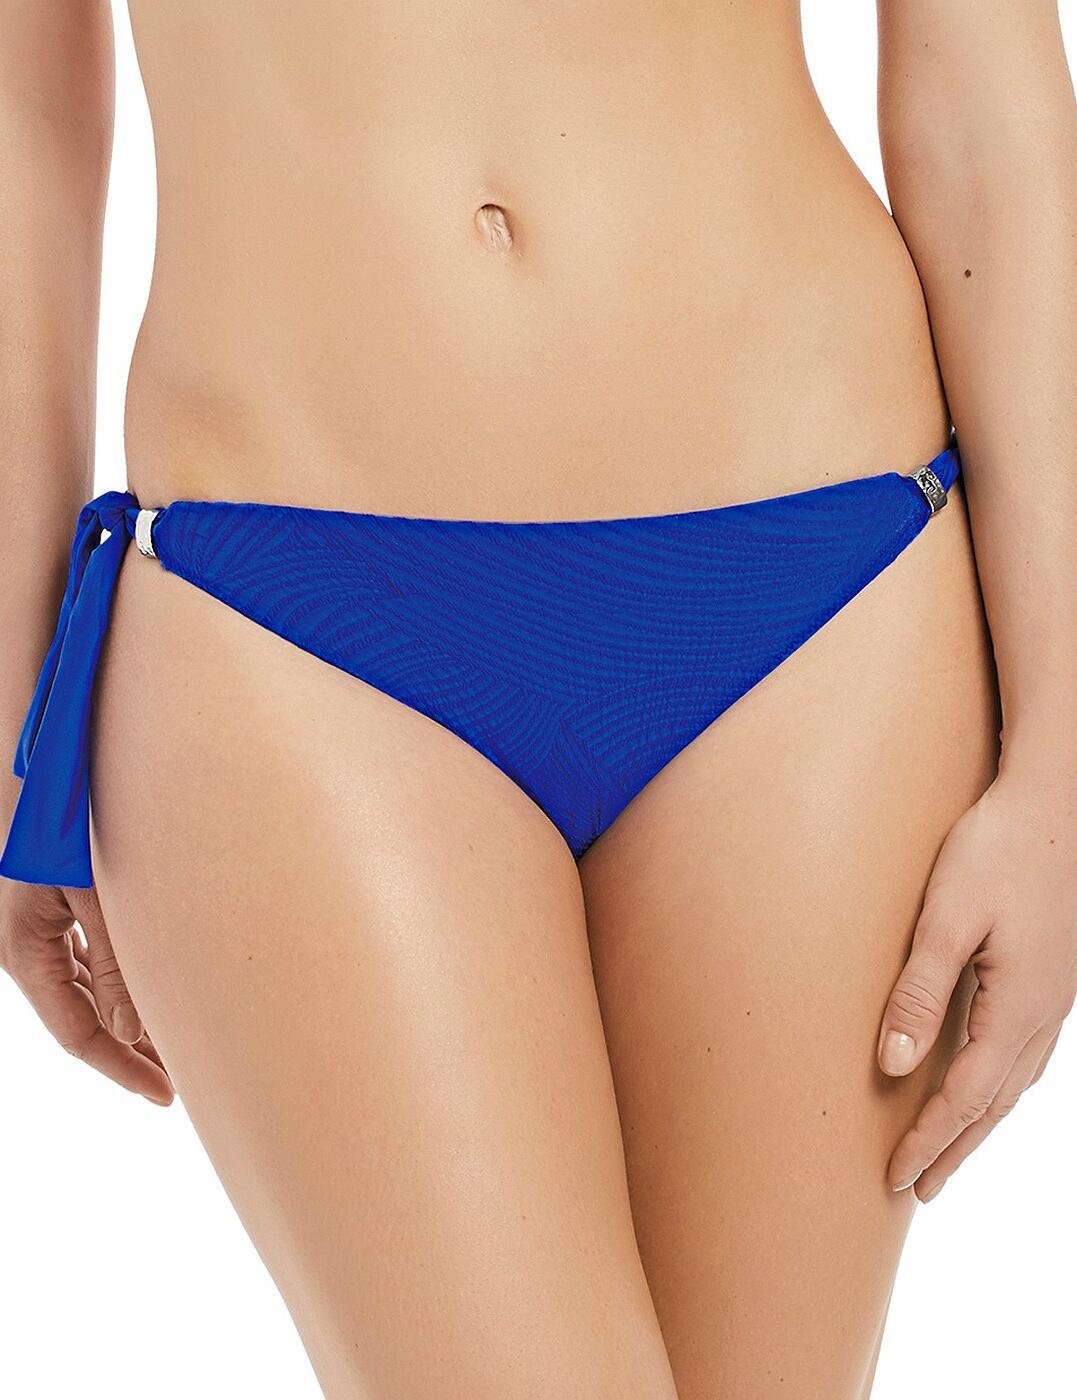 6357 Fantasie Ottawa Classic Scarf Tie Bikini Brief - 6357 Pacific